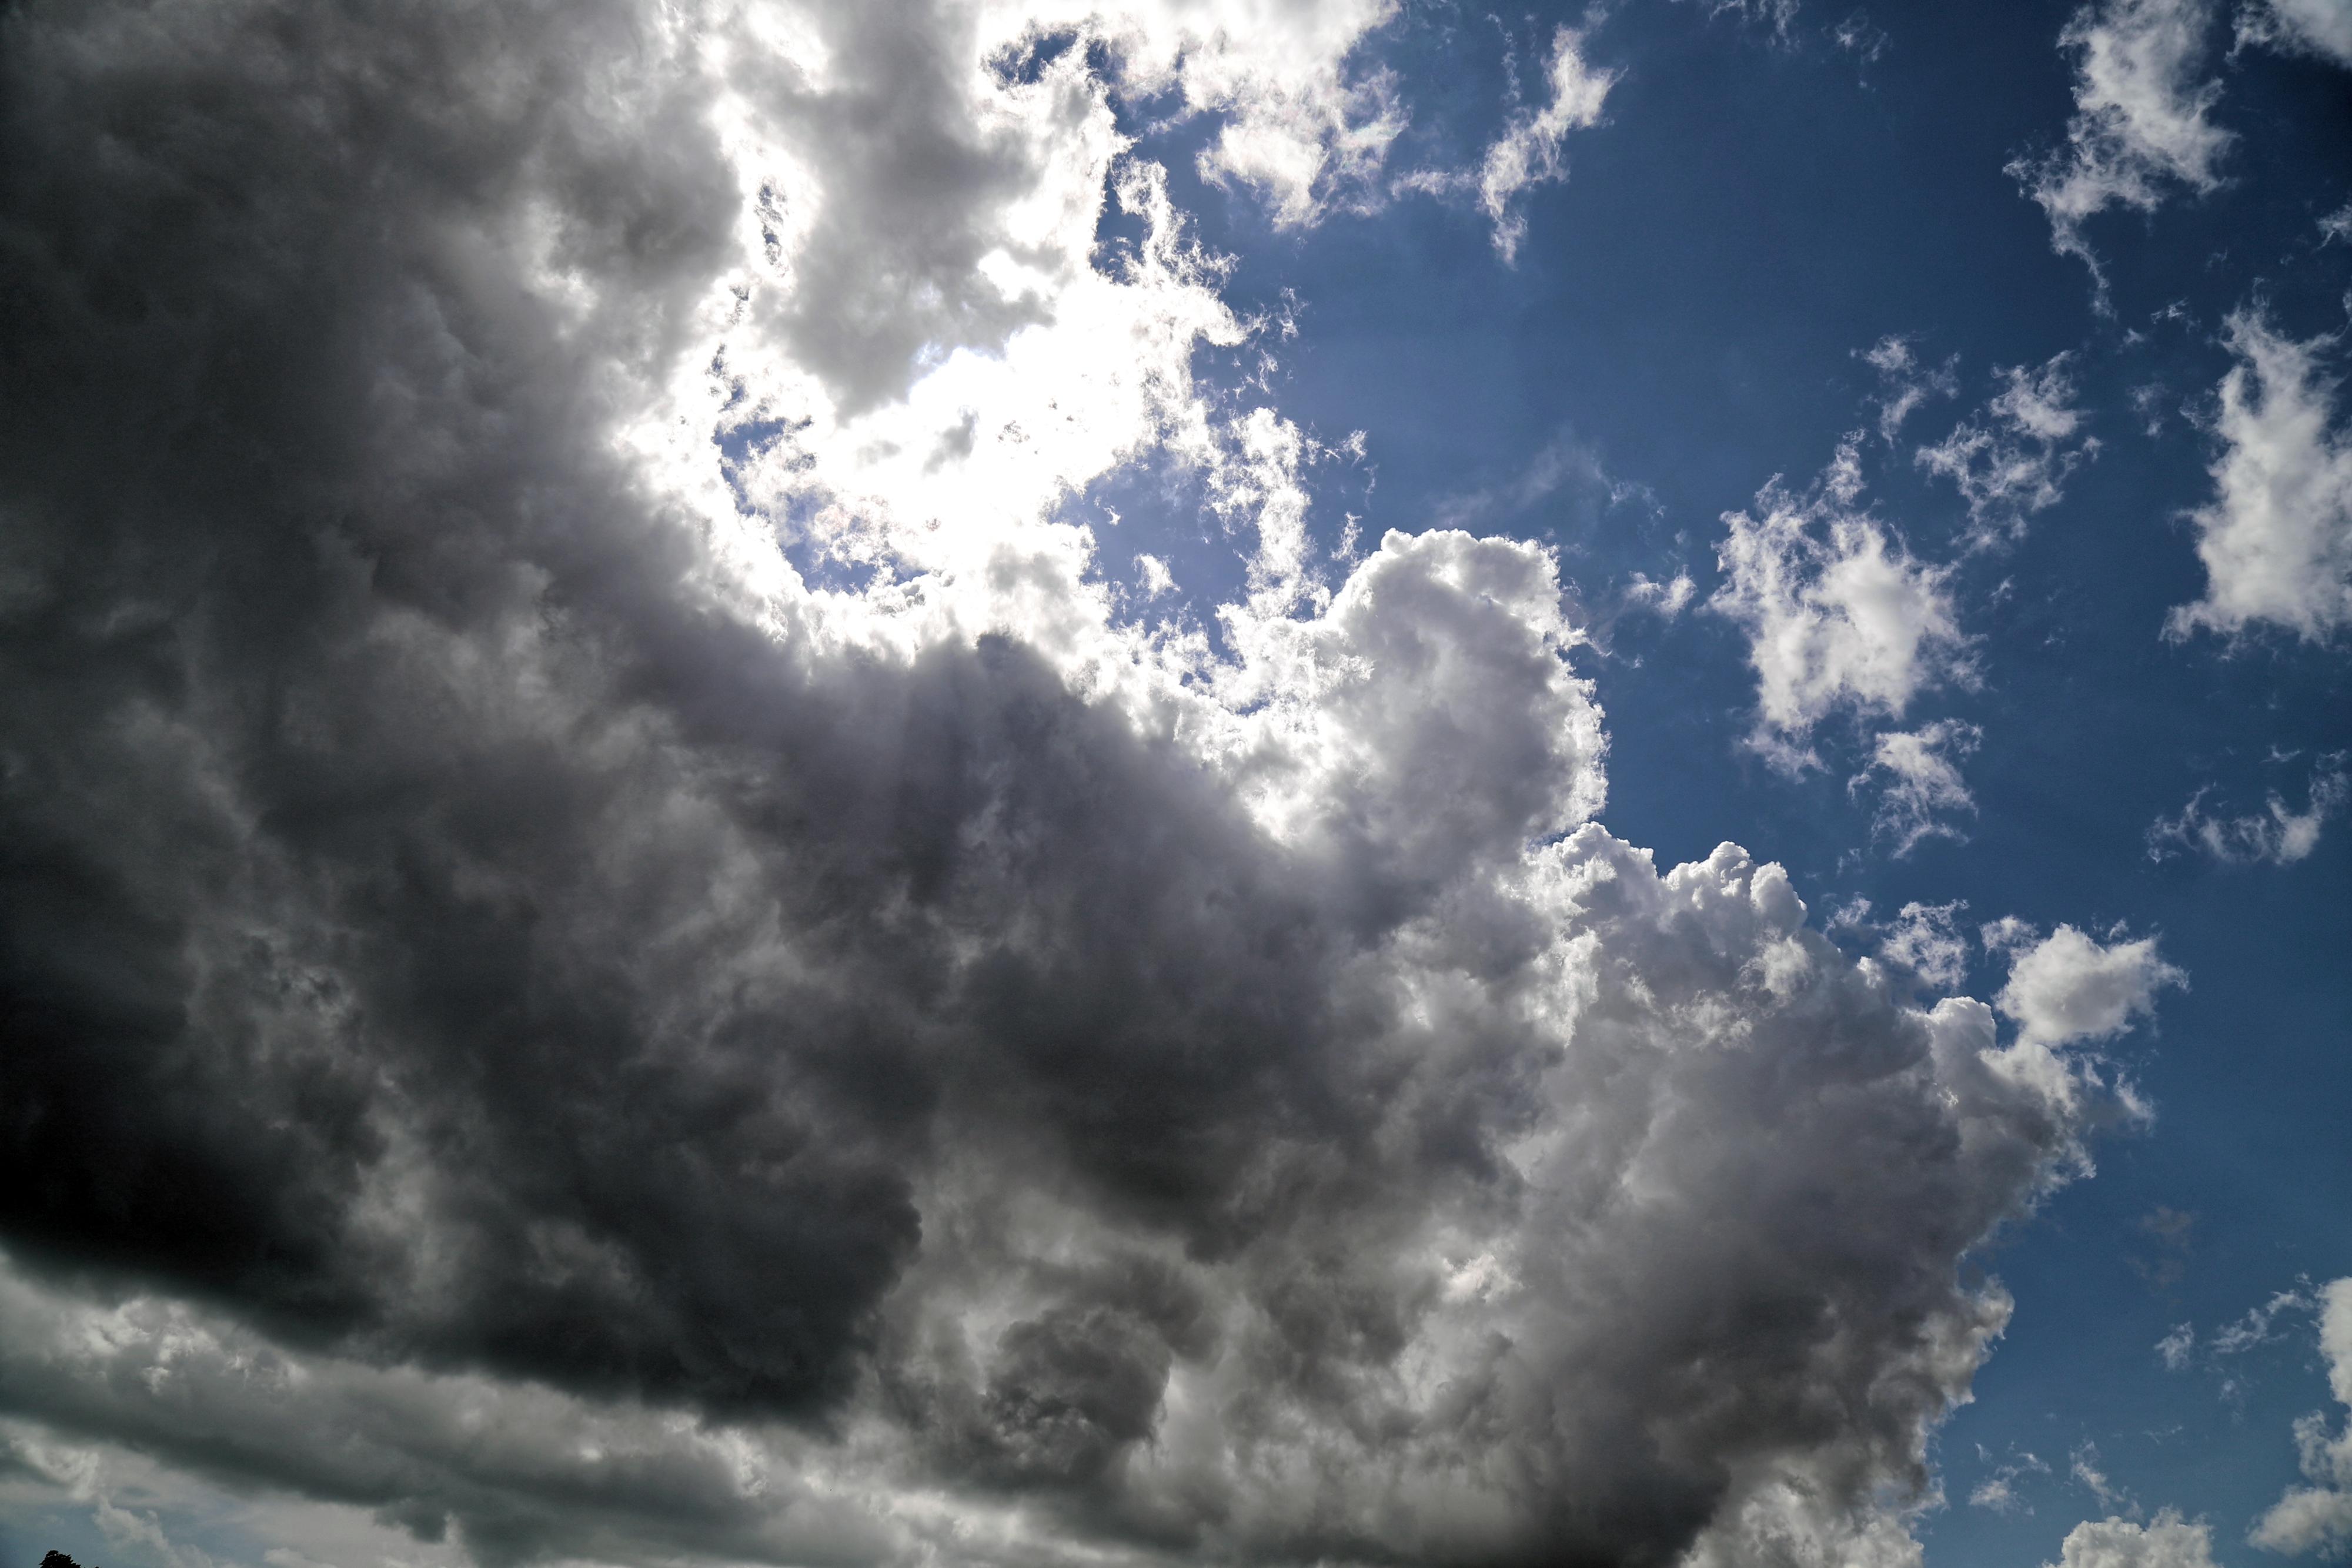 Cloud Formation | 6 प्रकार के बादल | क्यूम्यलोनिम्बस क्लाउड